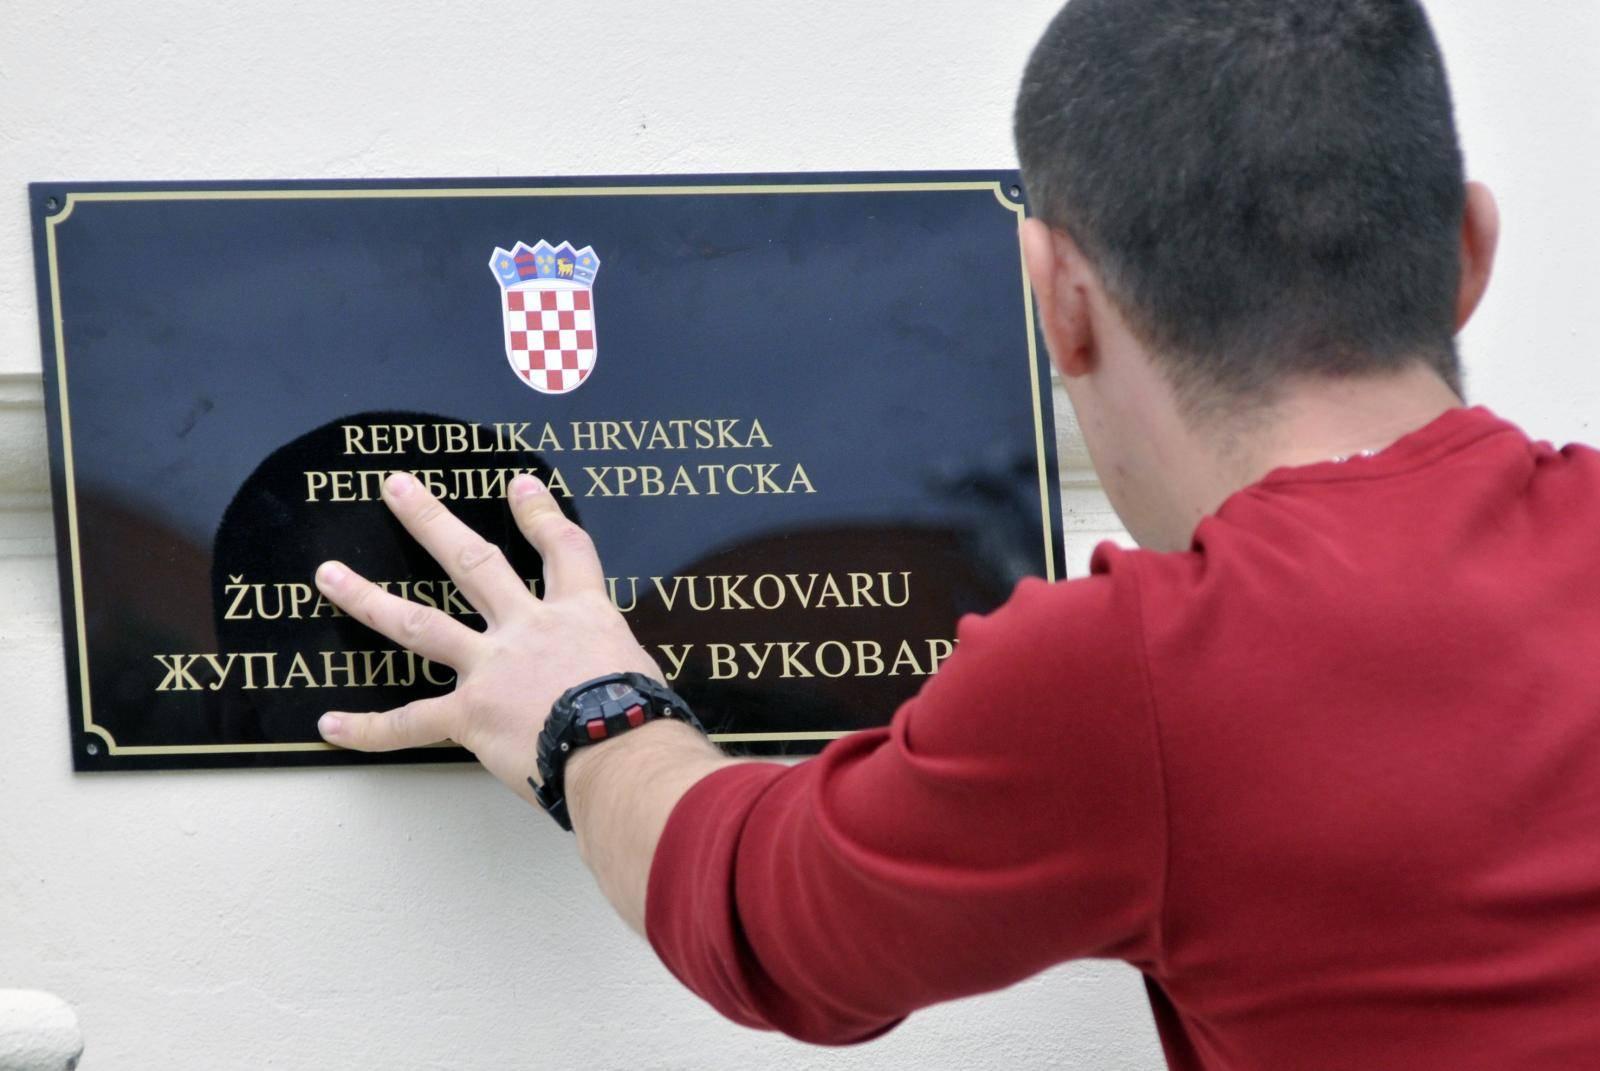 'Neka Vlada stavi dvojezične ploče na institucije u Vukovaru'